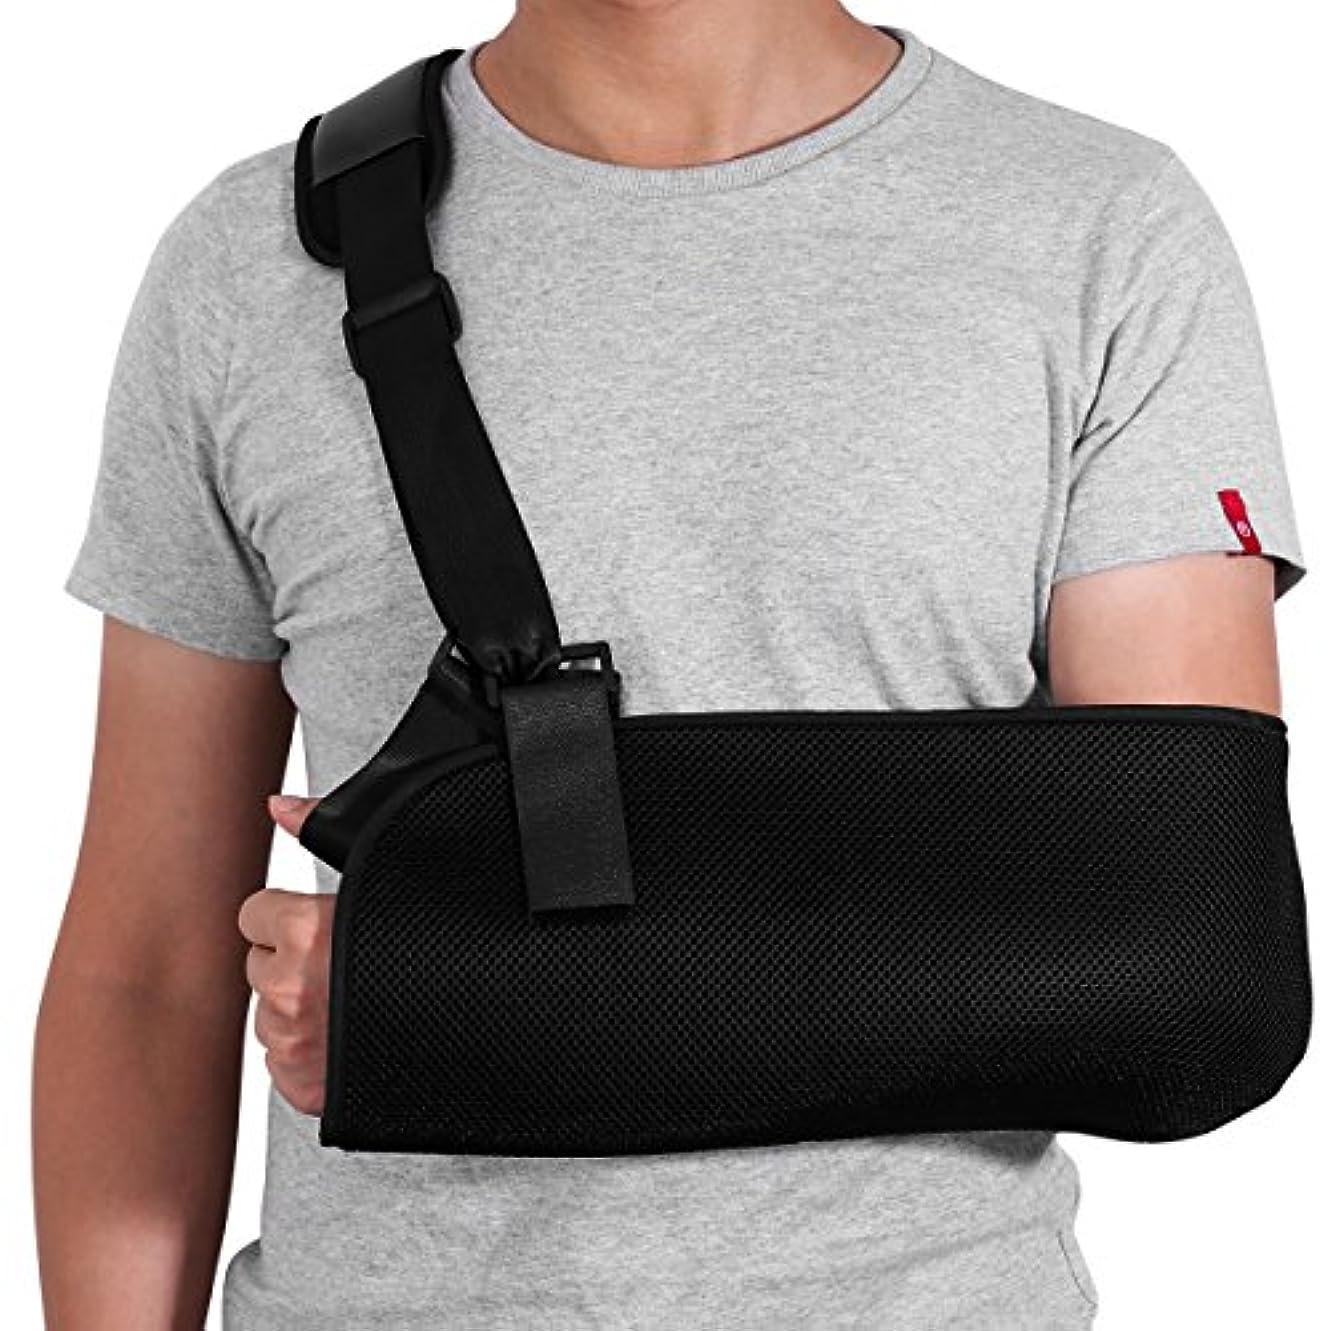 違う肉屋伝染性ROSENICE アームスリング - 壊れた骨折したアームのためのショルダーイモビライザー - 調節可能なアーム、ショルダーローテーターカフサポートブレース - 涙、脱臼、捻挫およびひずみ